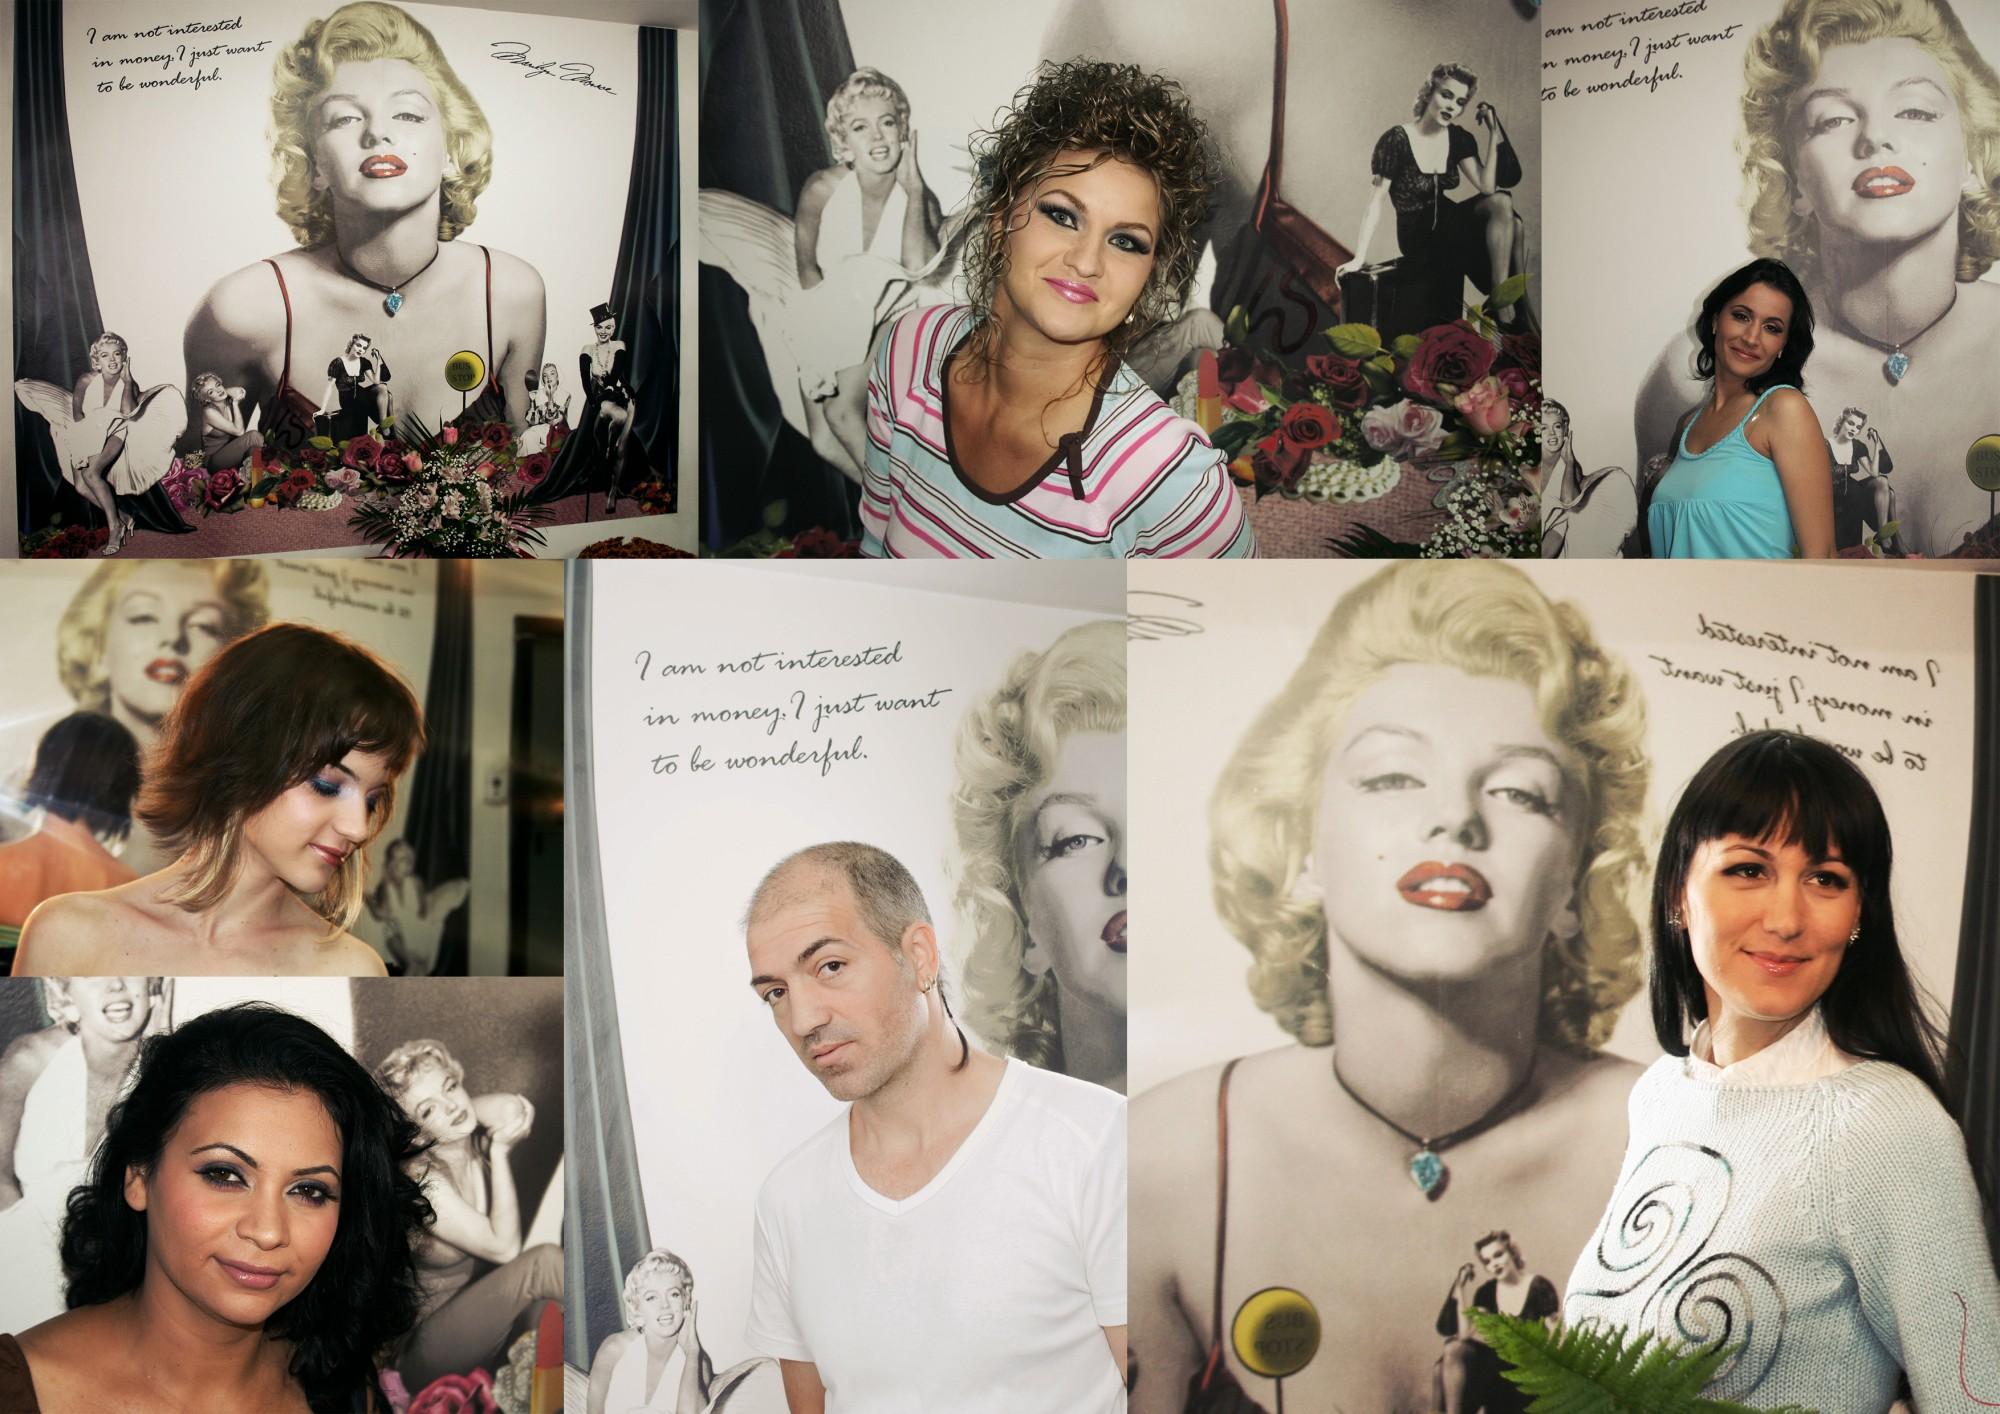 Toata lumea vrea poza cu Marilyn :)))